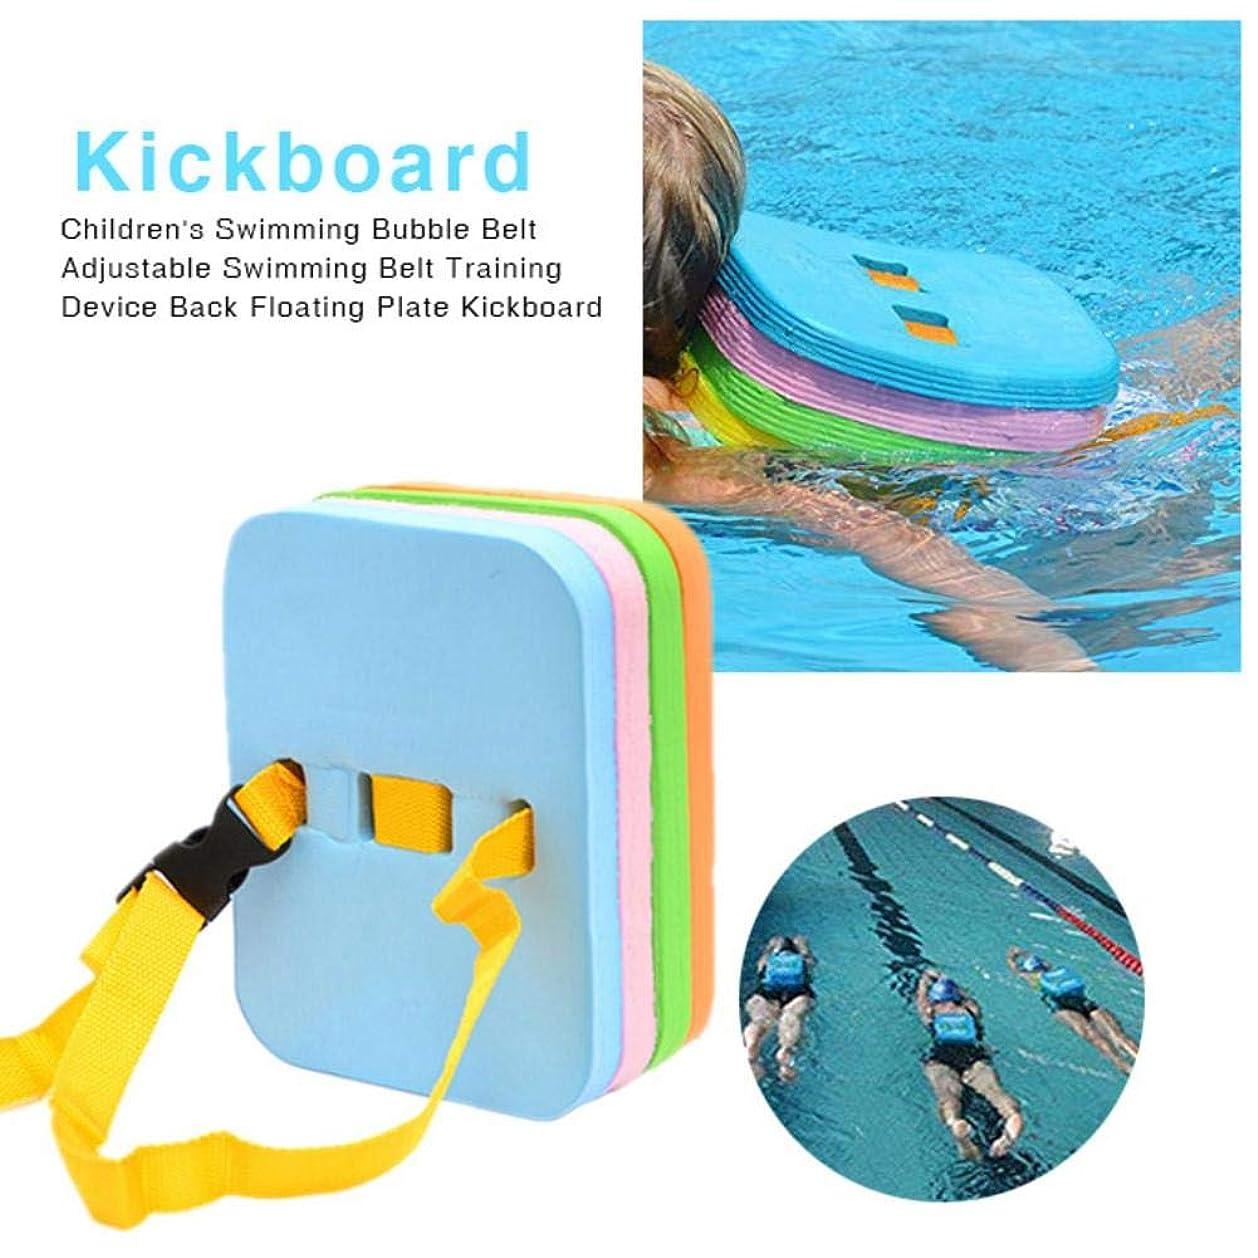 送った摂氏シチリアStageOnline 子供用 水泳 バブルベルト 調節可能 水泳ベルト トレーニングデバイス バックフローティングプレート キックボード プールビーチ用